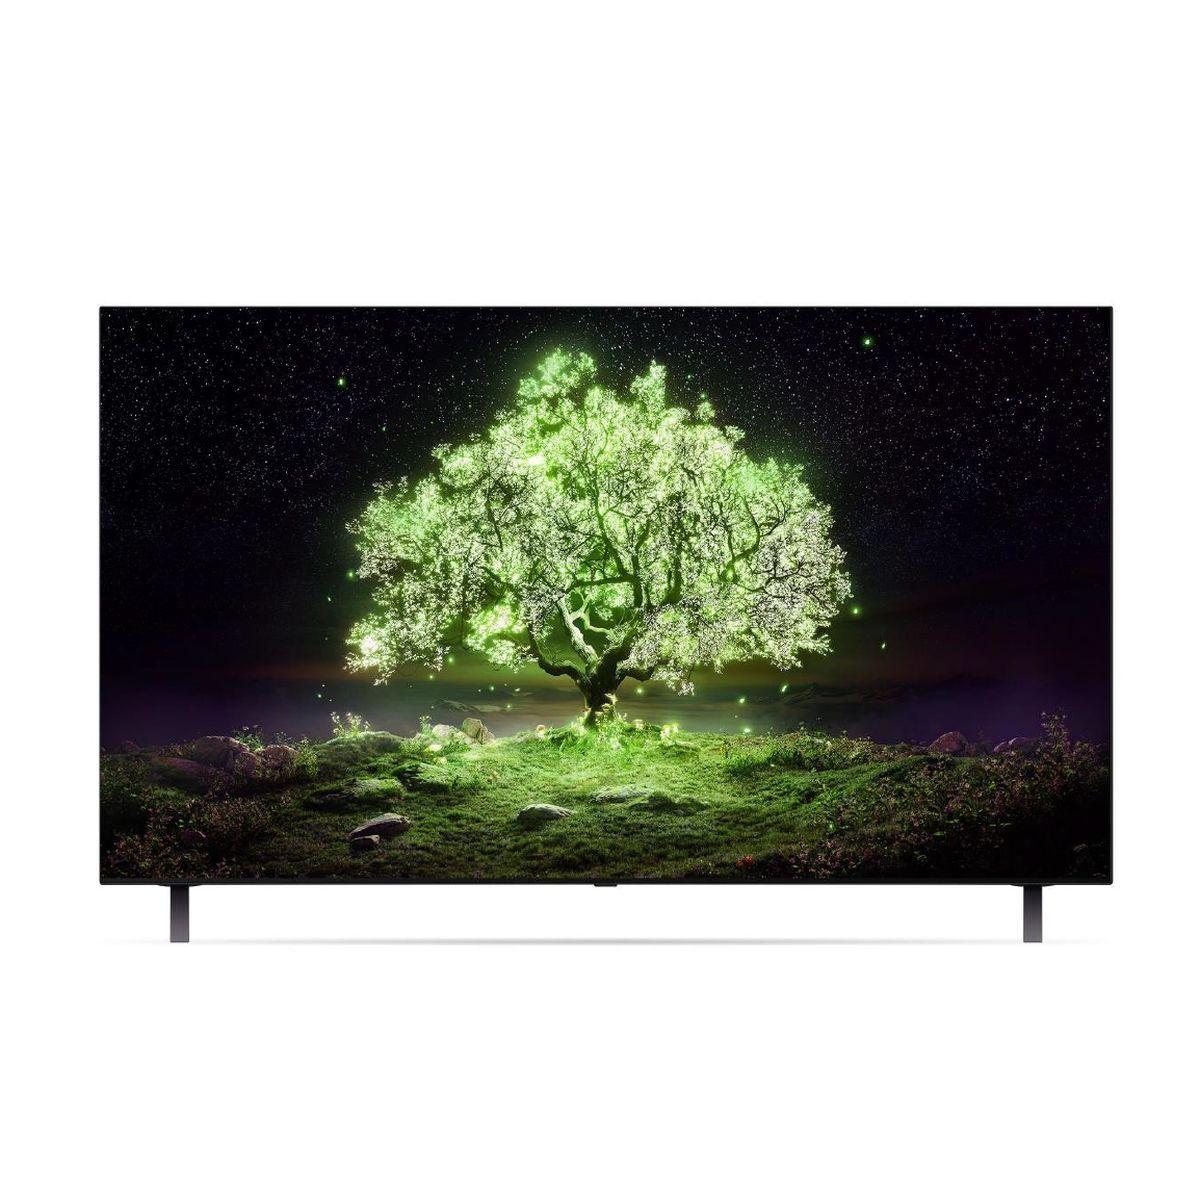 OLED55A1 TV OLED 4K UHD 139 cm Smart TV